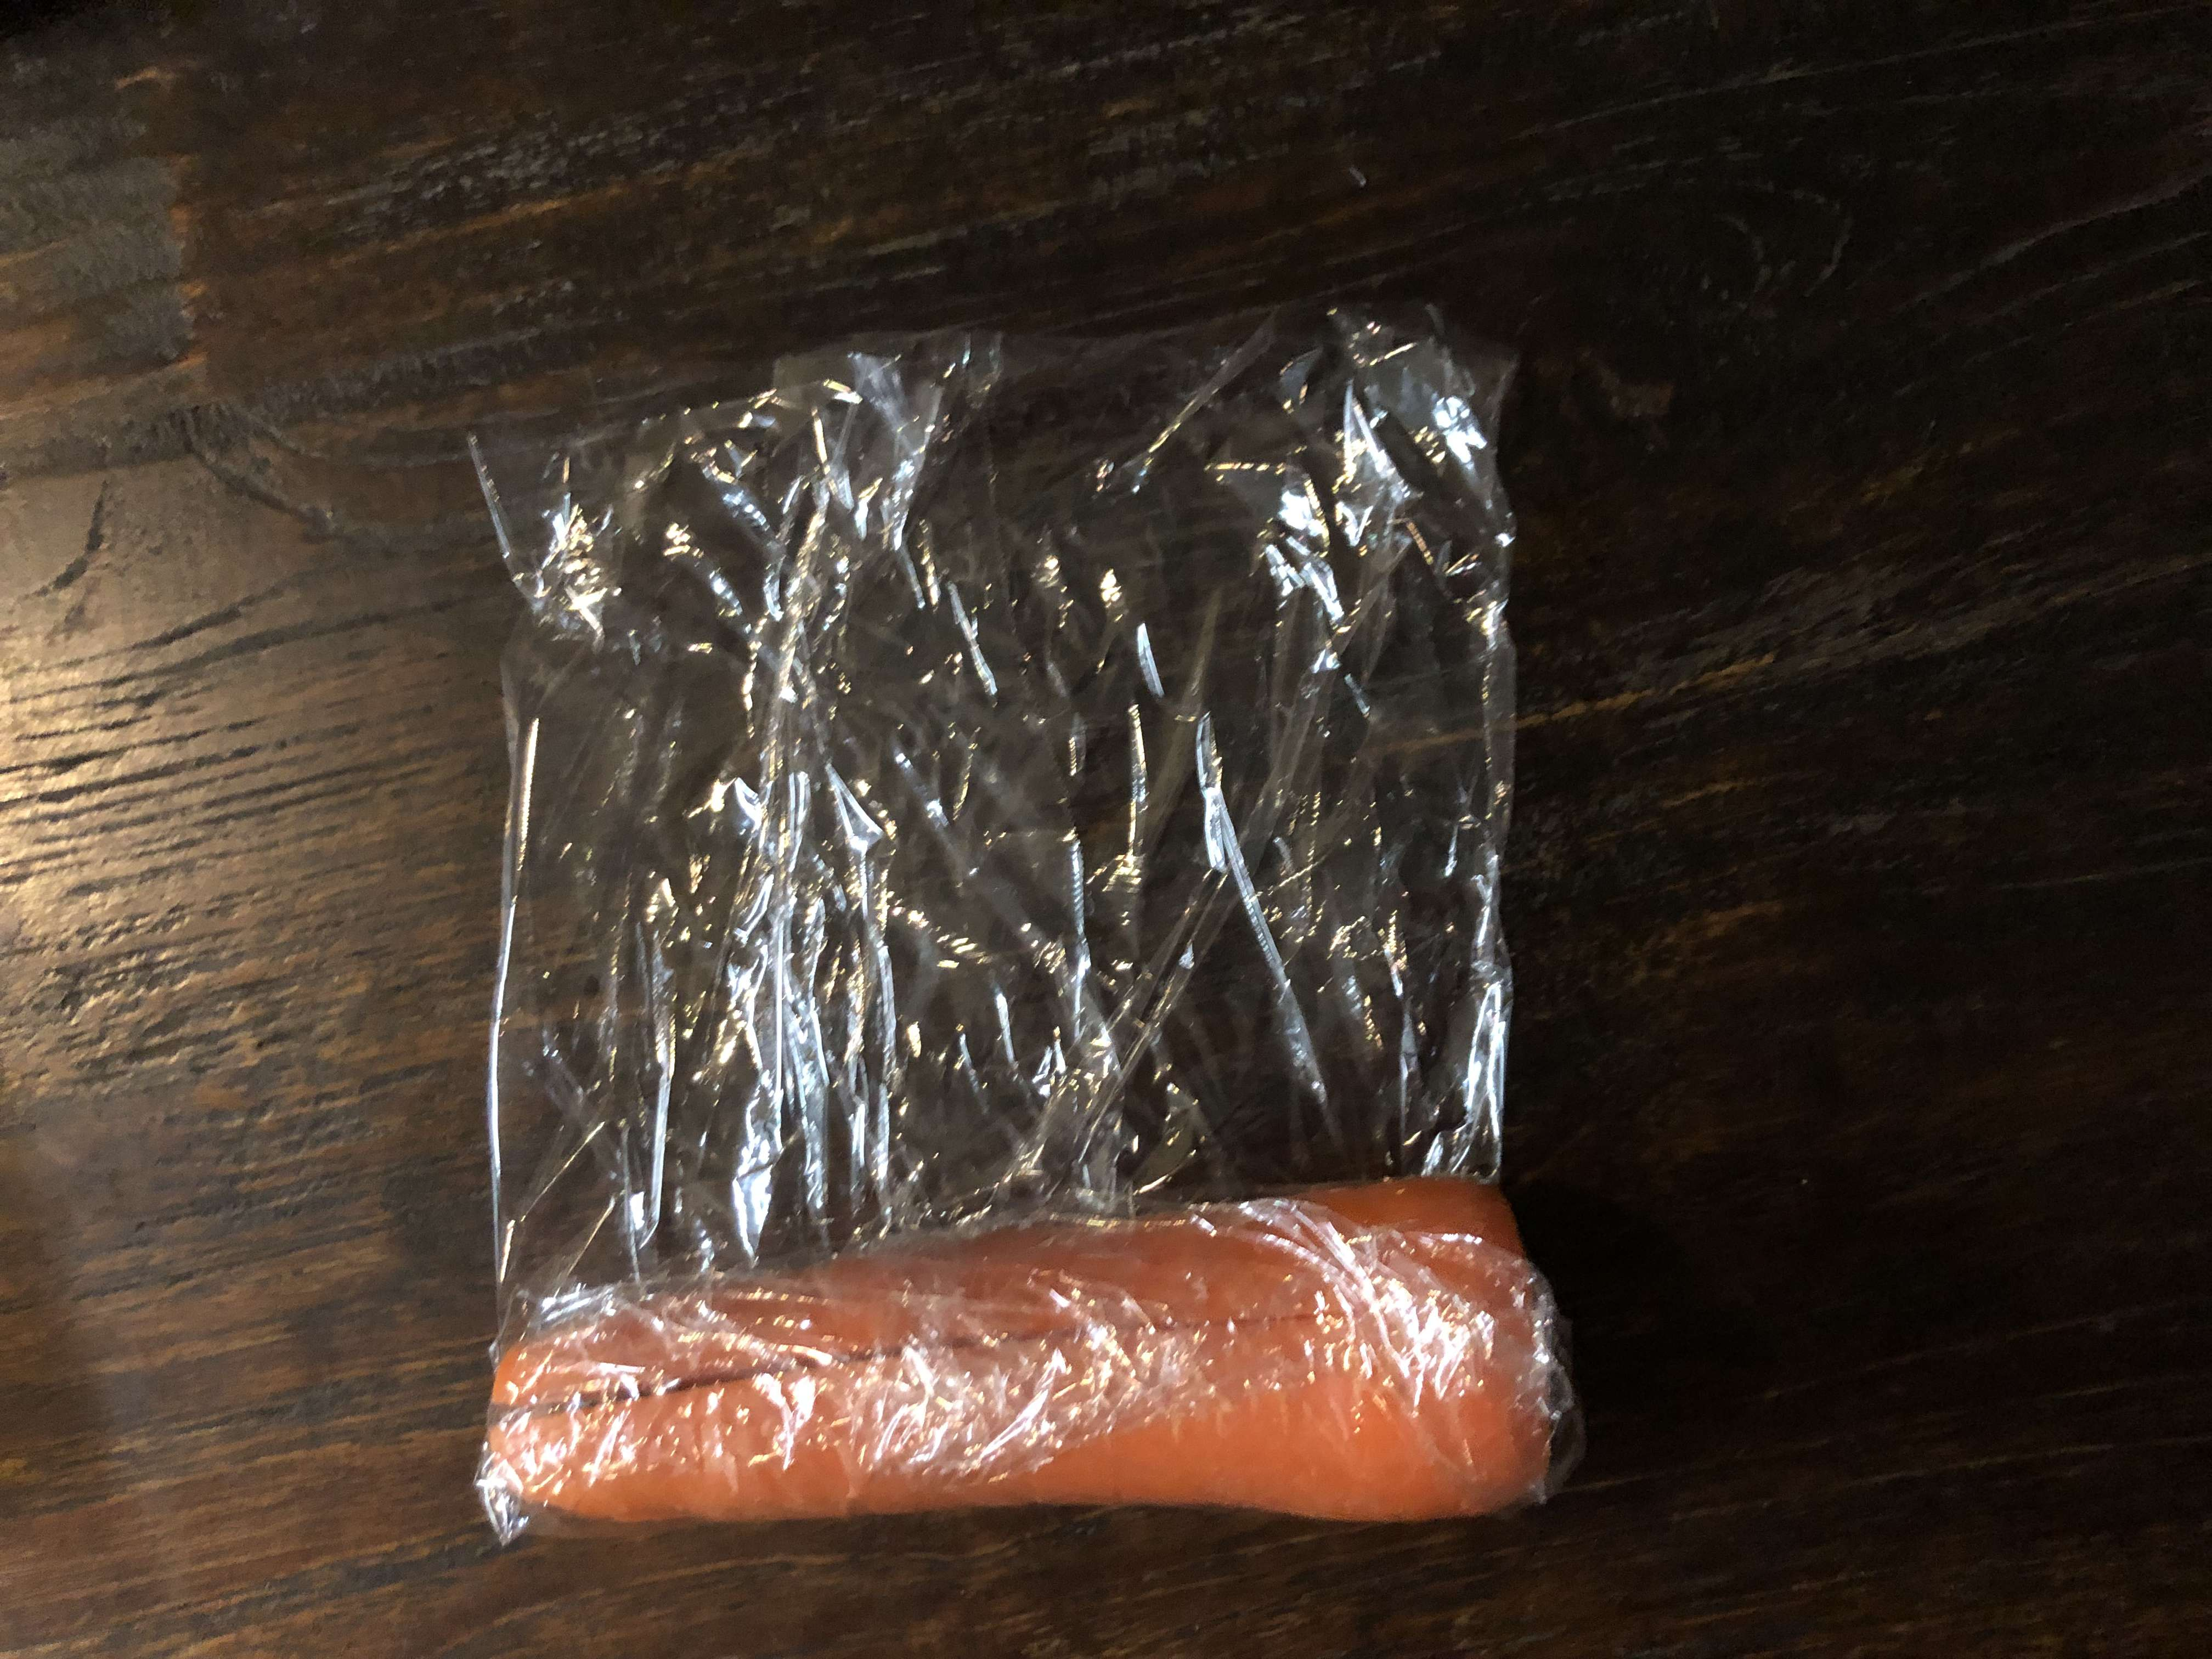 スロージューサー HUROM ヒューロム Advanced100 アドバンスド100 レビュー 朝 野菜ジュース 作り方